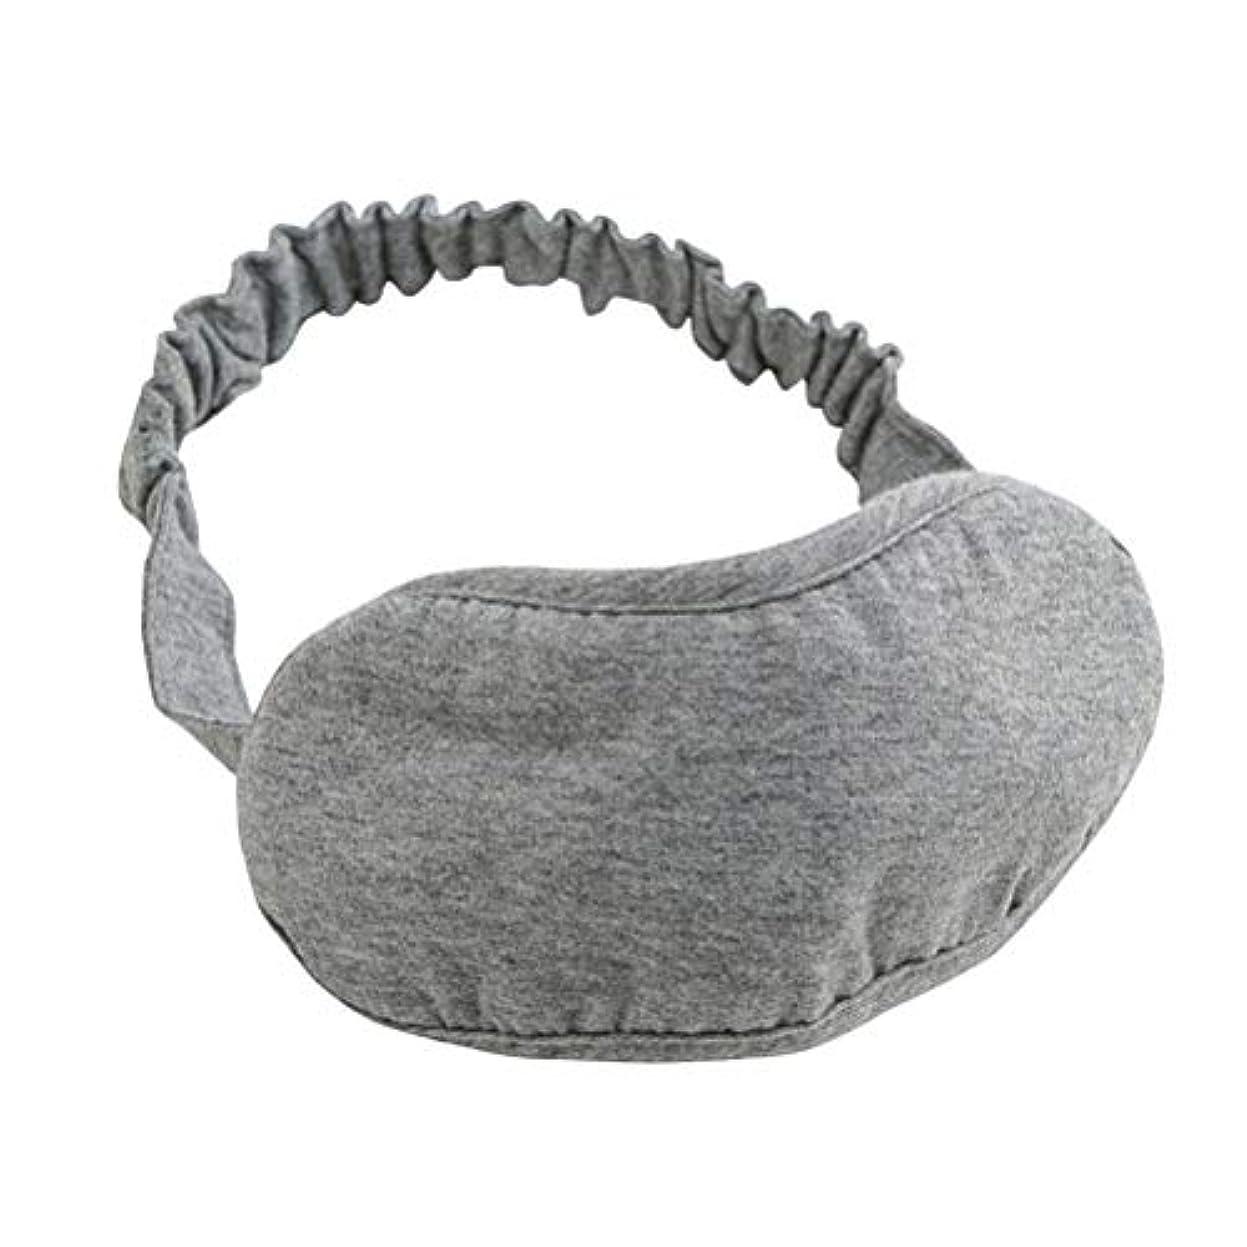 神の本質的ではない慢性的SUPVOX 睡眠マスクコットンアイマスク厚手の目隠しアイカバー女性のための子供たちの子供ホームベッド旅行のフライトカーキャンプオフィス使用(グレー)